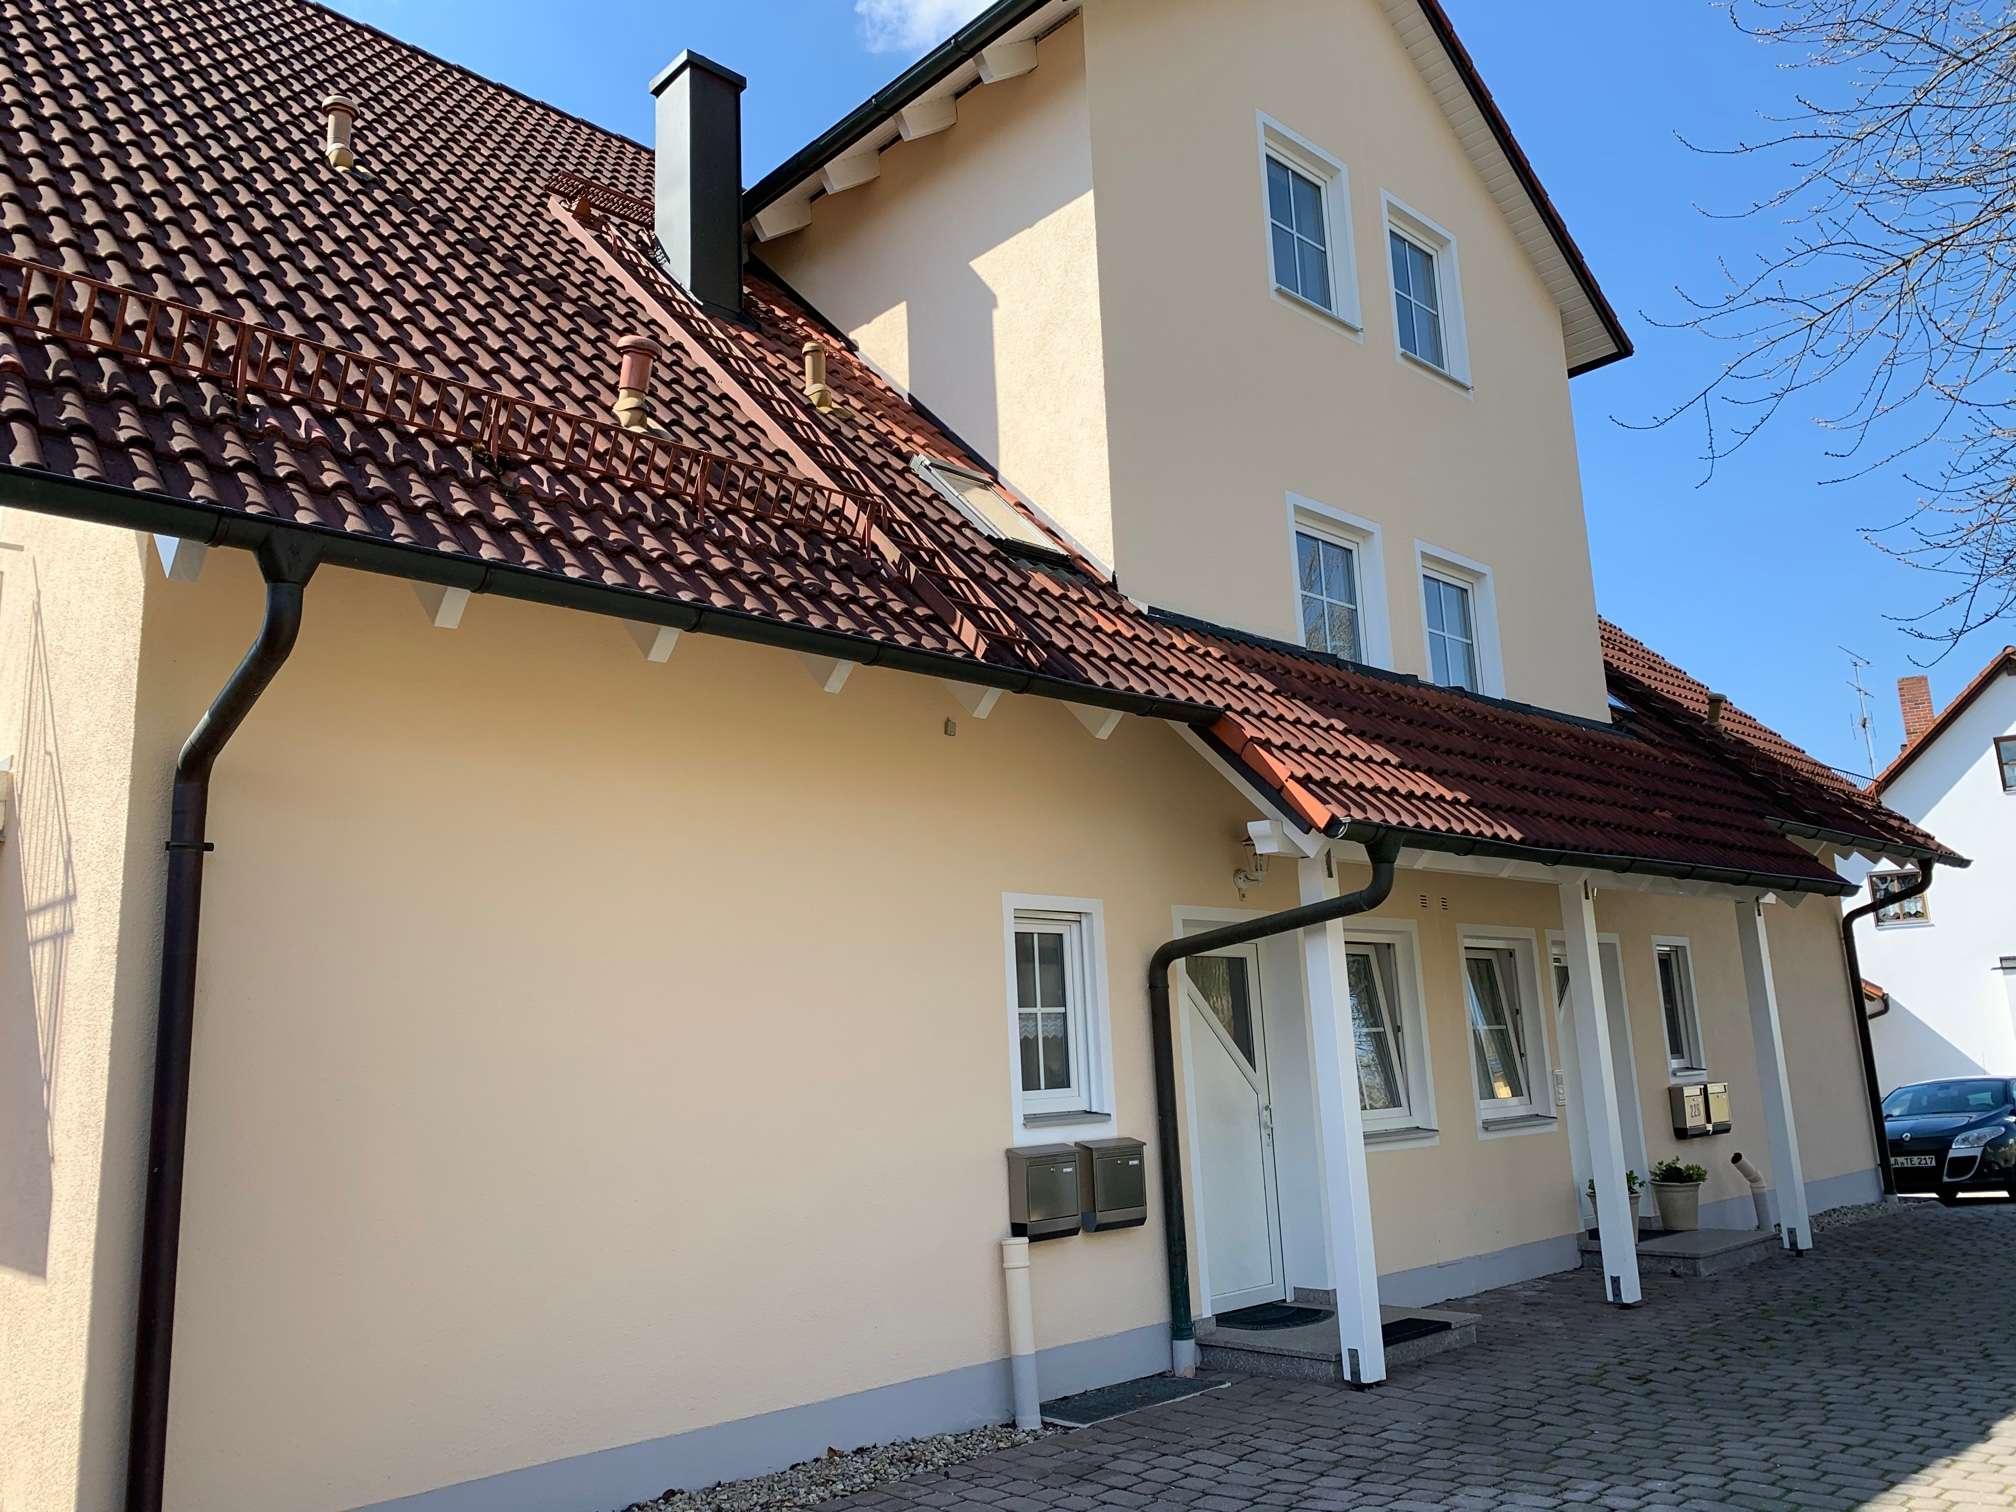 Gepflegte 3,5-Zimmer-Maisonette-Wohnung möbliert mit Balkon und Einbauküche in Furth in